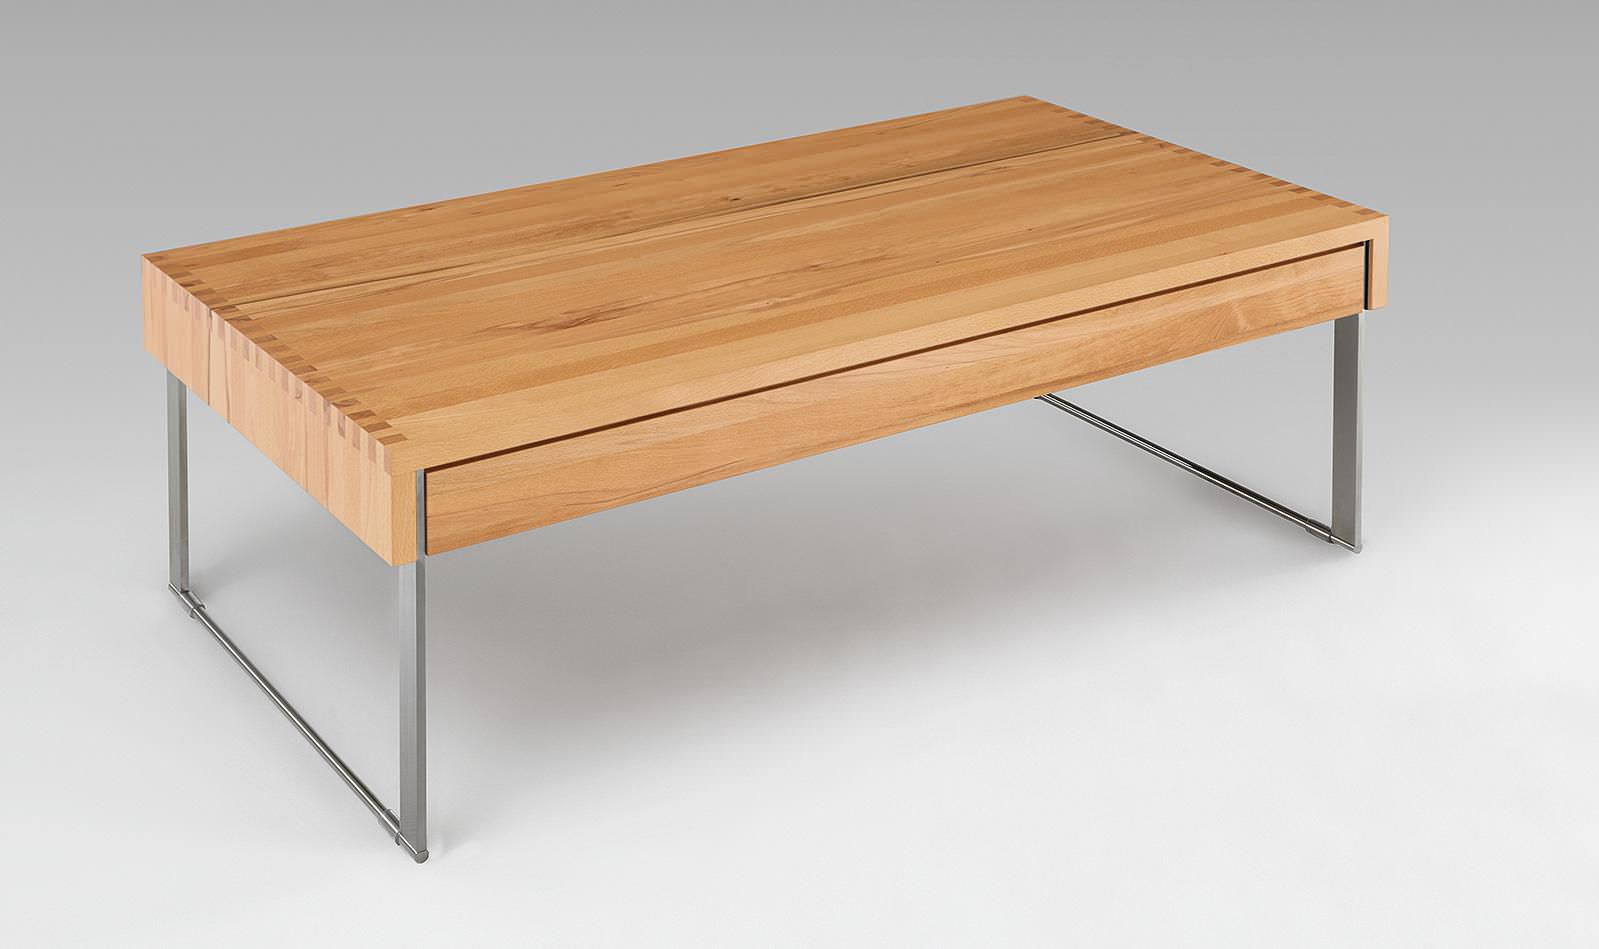 Wohnzimmertische Modern Eigenschaften : Moderner couchtisch massivholz rechteckig innenraum